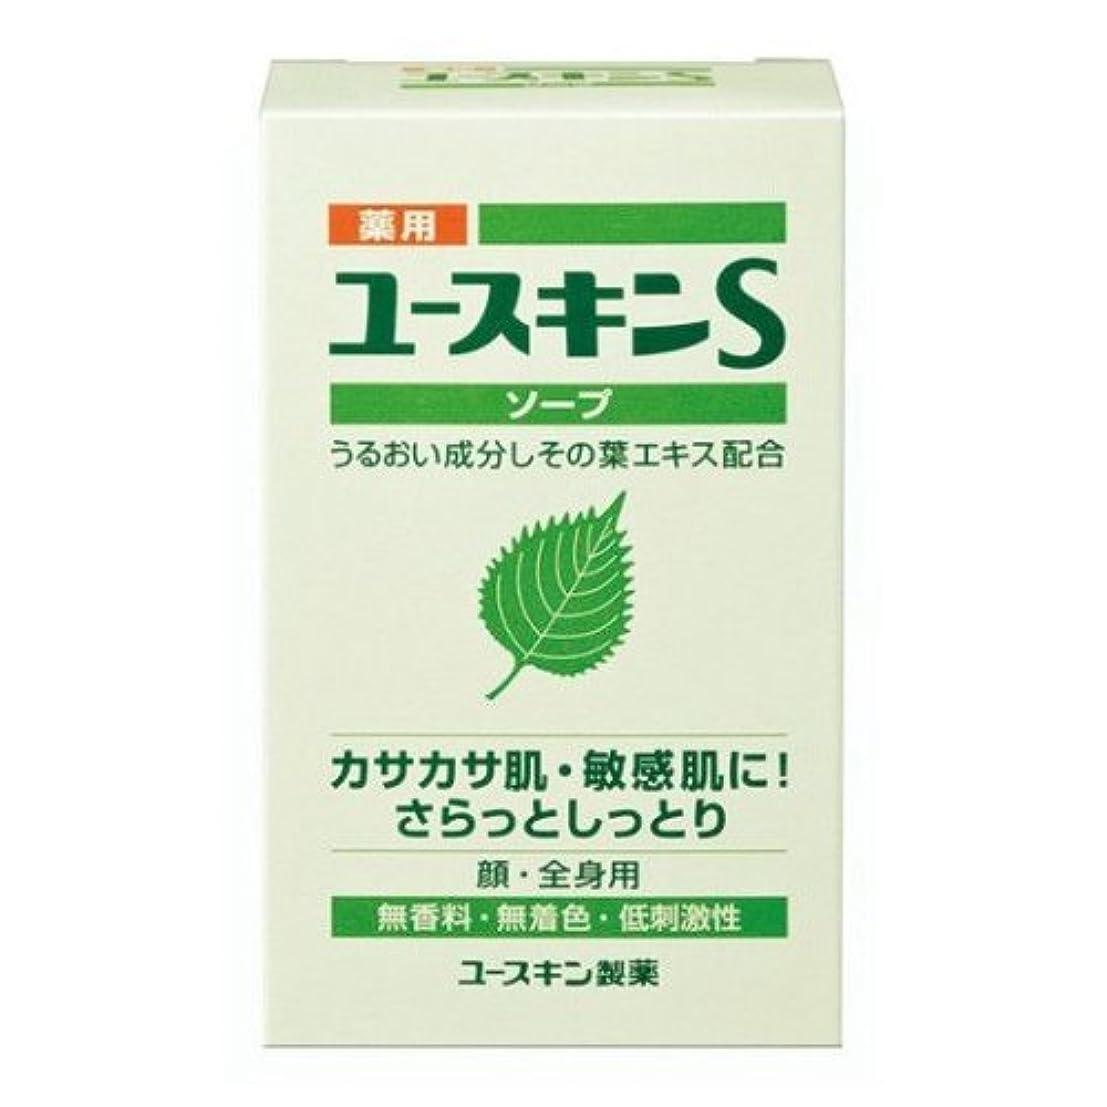 ビリーヤギ絶望的なスカーフ薬用ユースキンS ソープ 90g (敏感肌用 透明石鹸) 【医薬部外品】